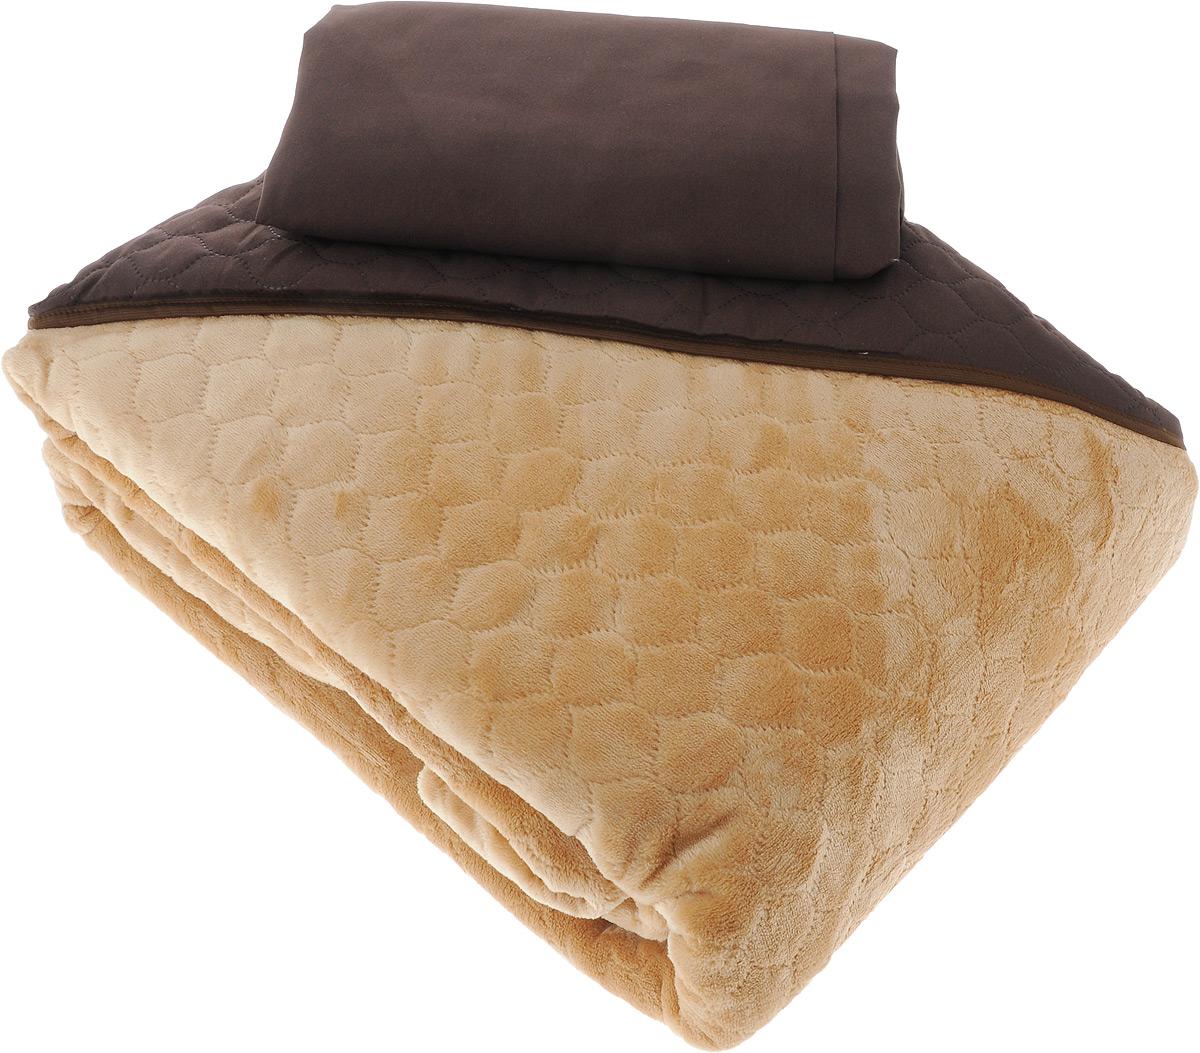 Комплект для спальни Sleep iX Multi Set: покрывало 220 х 240 см, простыня 230 х 240 см, 2 наволочки 50 х 70 см, цвет: коричневый, рыжийU110DFКомплект для спальни Sleep iX Multi Set состоит из покрывала, простыни и 2 наволочек. Верх многофункционального одеяла-покрывала выполнен из мягкой высокотехнологичной ткани, которая хорошо сохраняет тепло, устойчива к стирке и износу, а низ выполнен из нежного искусственного меха. Такой мех не требует специального ухода, он легко чистится и долгое время сохраняет мягкость и внешний вид. Наволочки и простыня выполнены из микрофибры.Комплект для спальни Sleep iX Multi Set - отличный способ придать спальне уют и привнести в интерьер что-то новое.Размер покрывала: 220 х 240 см. Размер наволочки: 50 х 70 см. Размер простыни: 230 х 240 см.Комплект упакован в сумку-чехол на застежке-молнии.